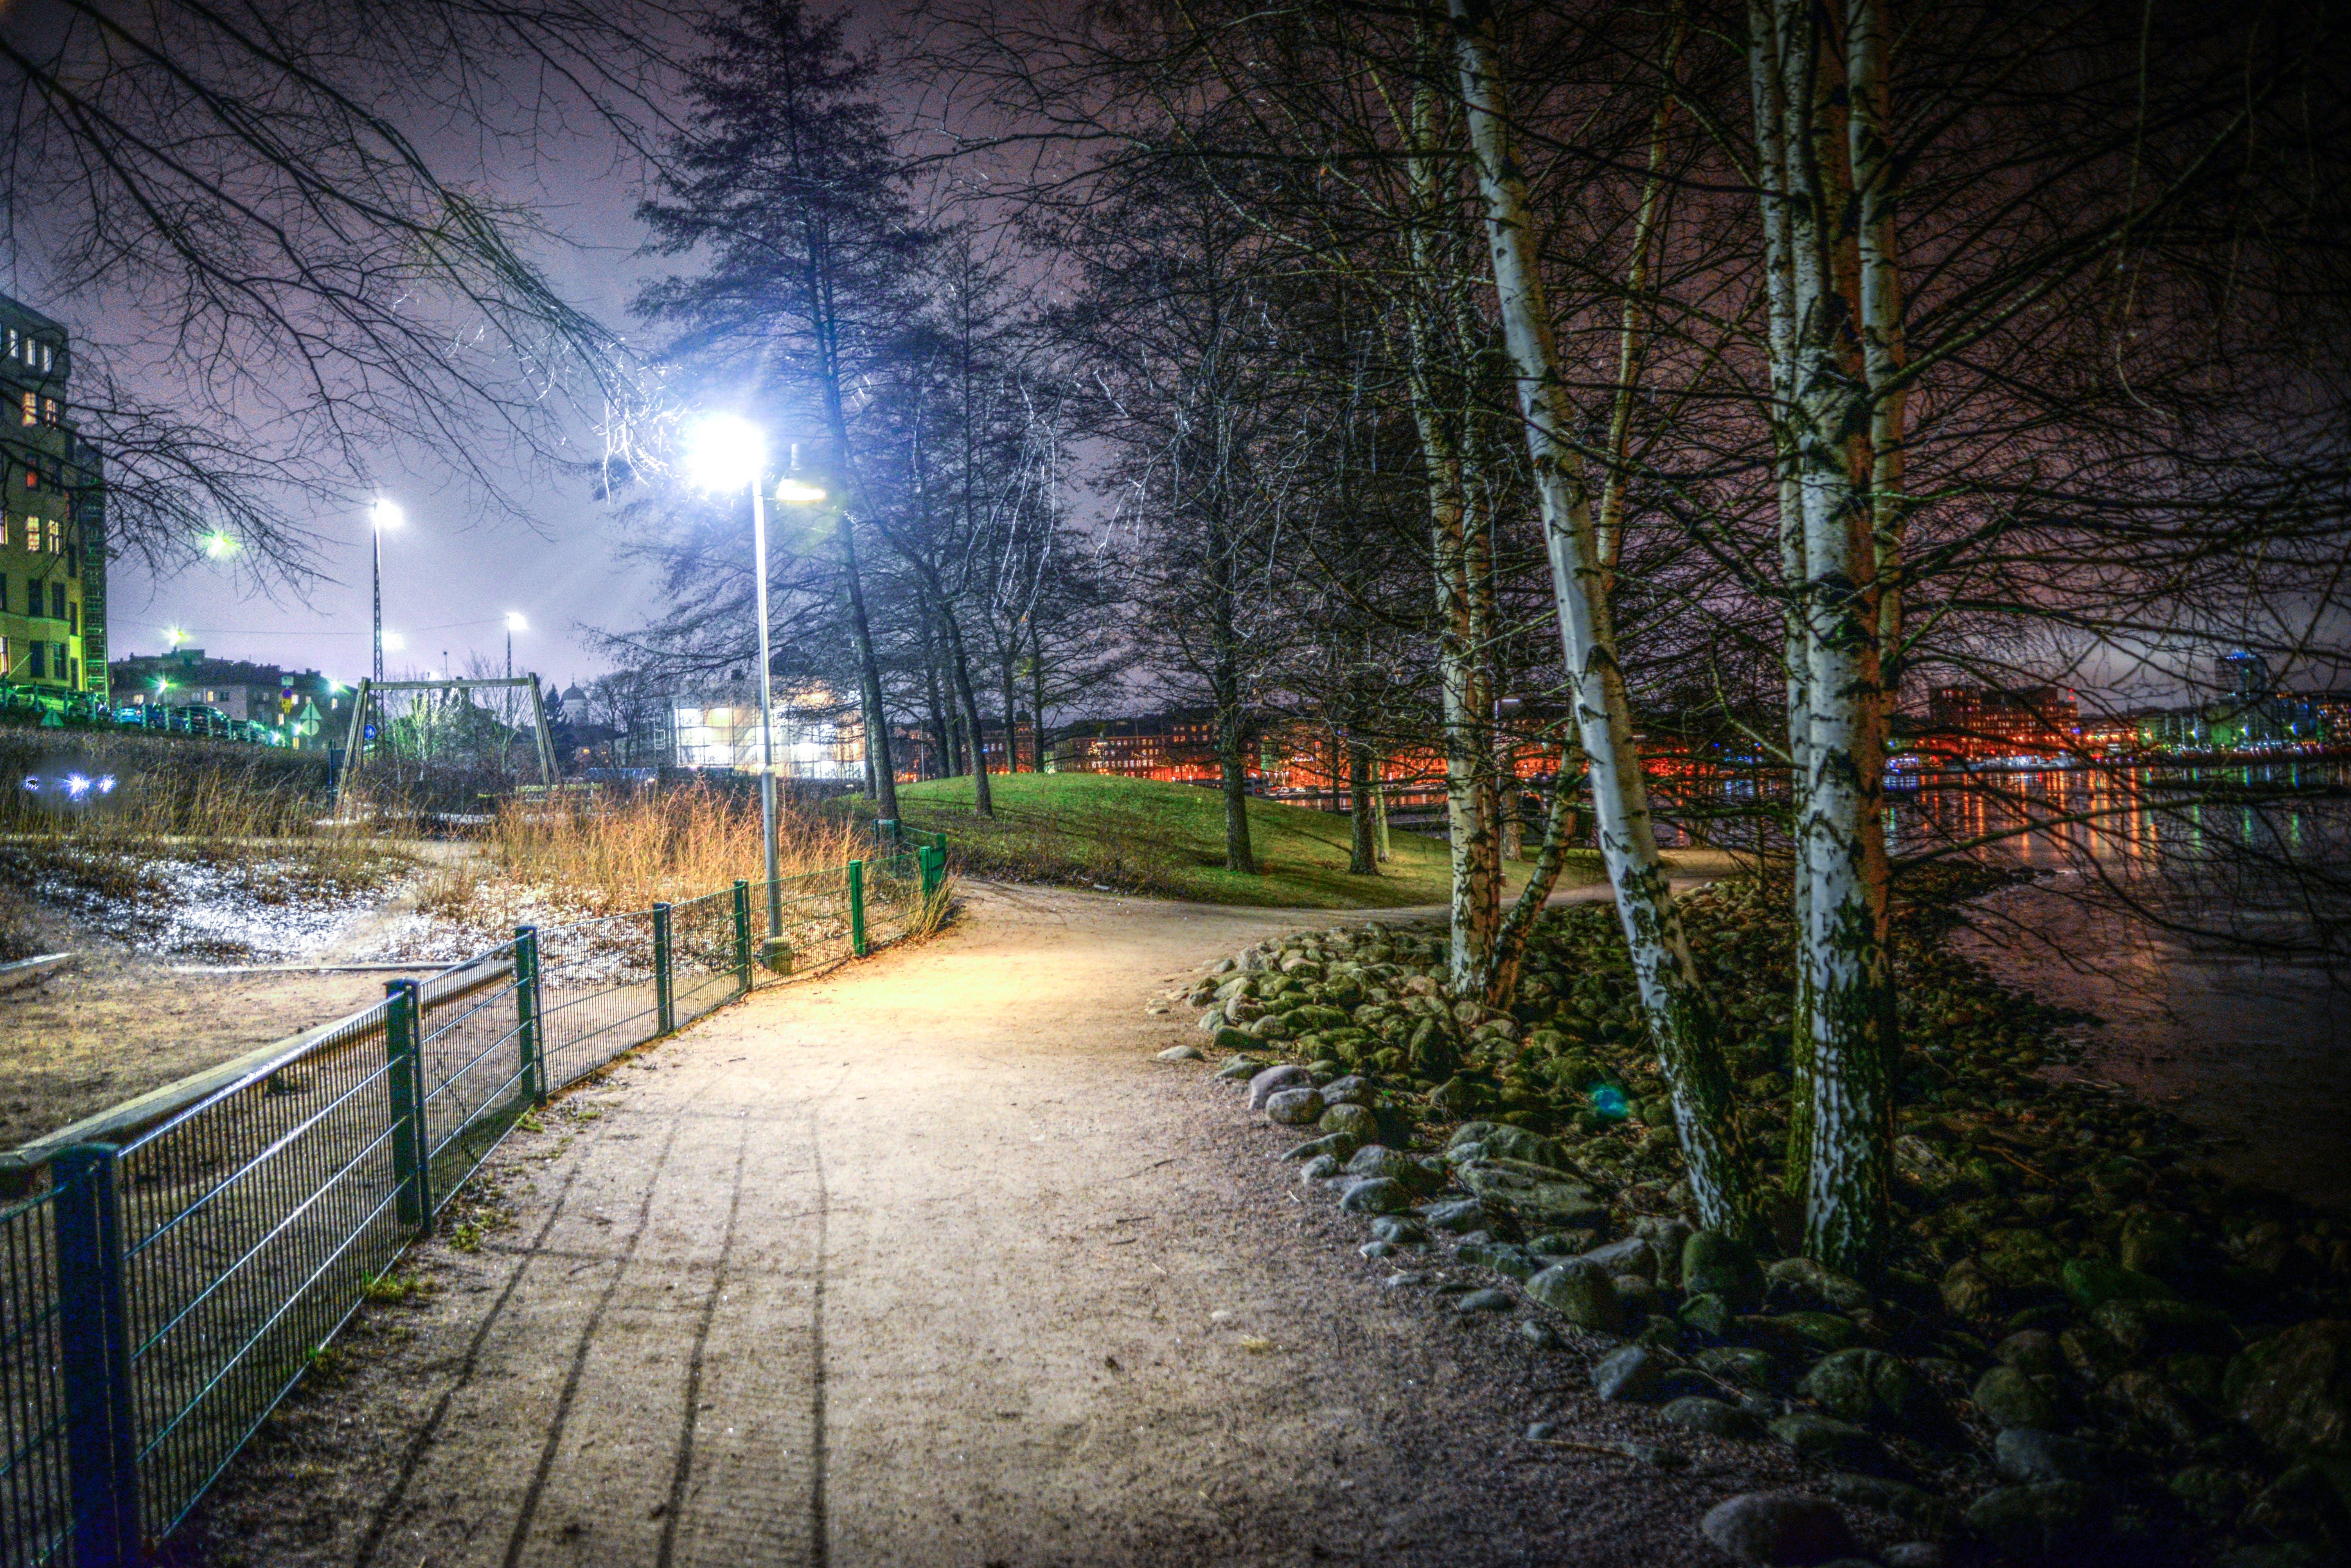 Kostenloses Stock Foto zu bäume, licht, park, pfad